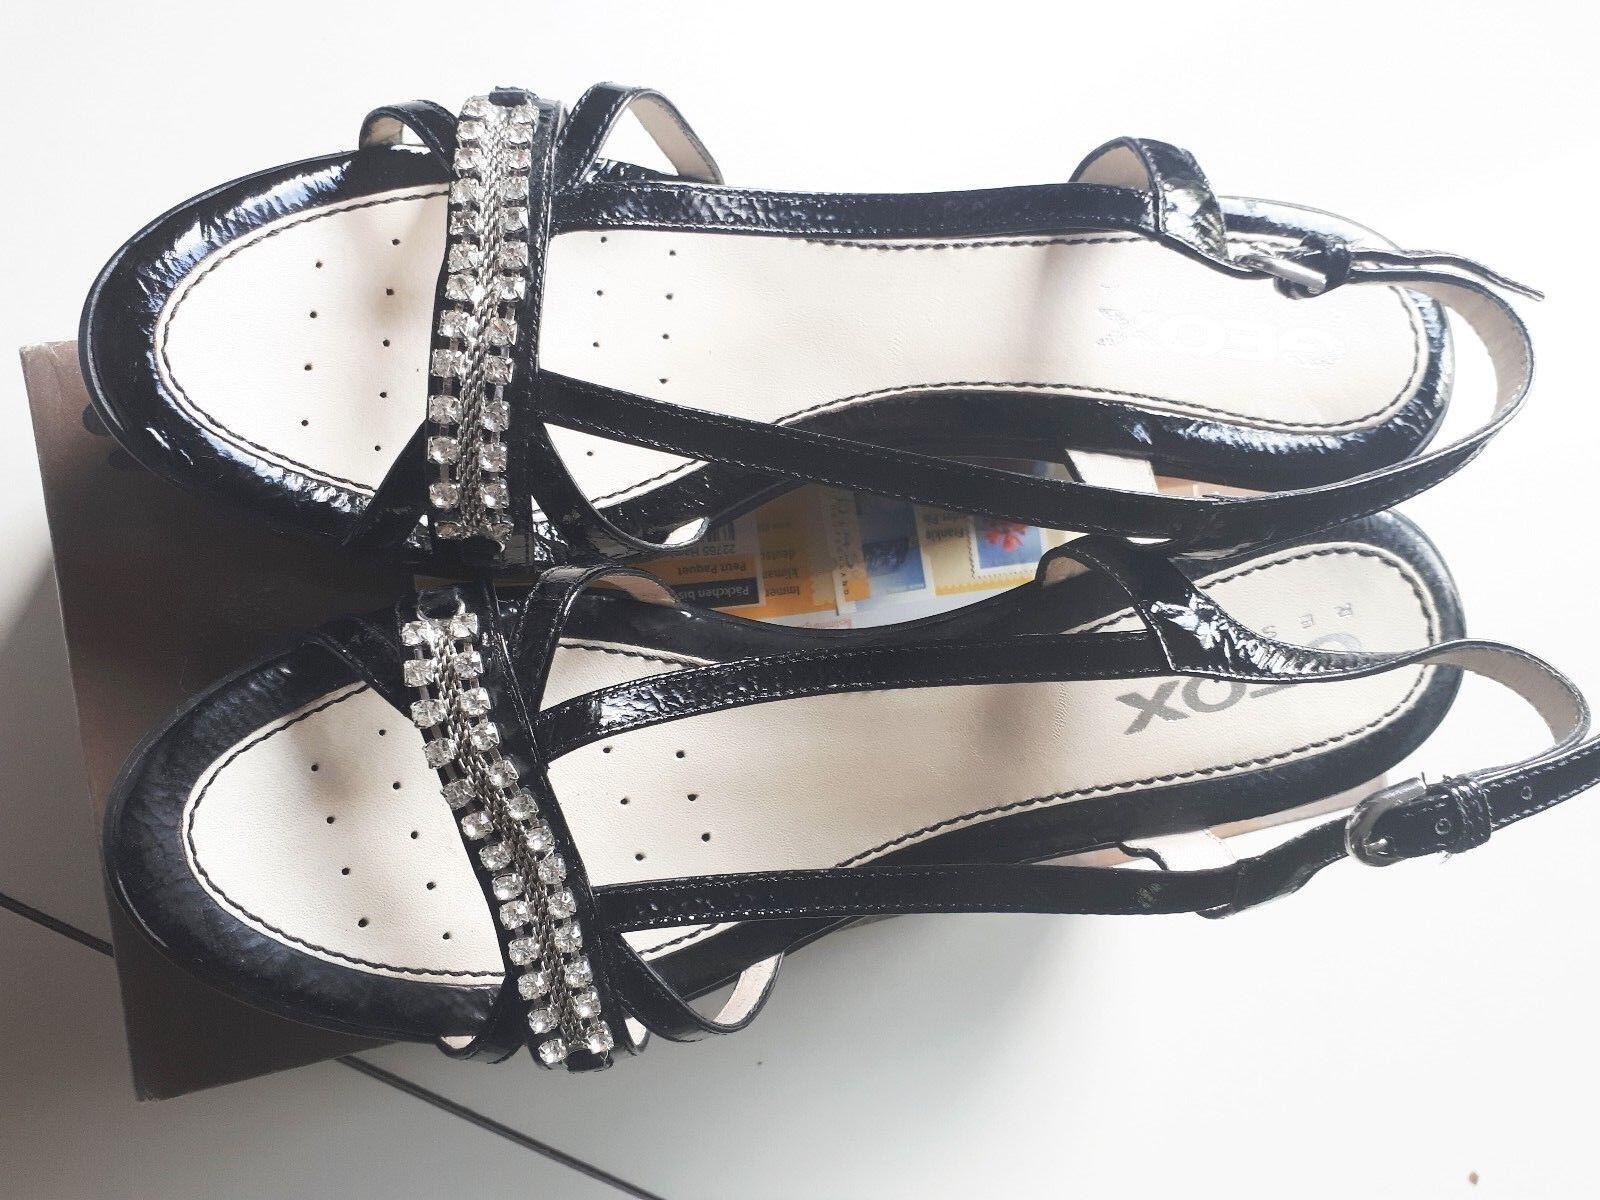 GEOX KeilSandaleeette, Gr. 39, schwarz mit Strass-Streifen, 1 x getragen